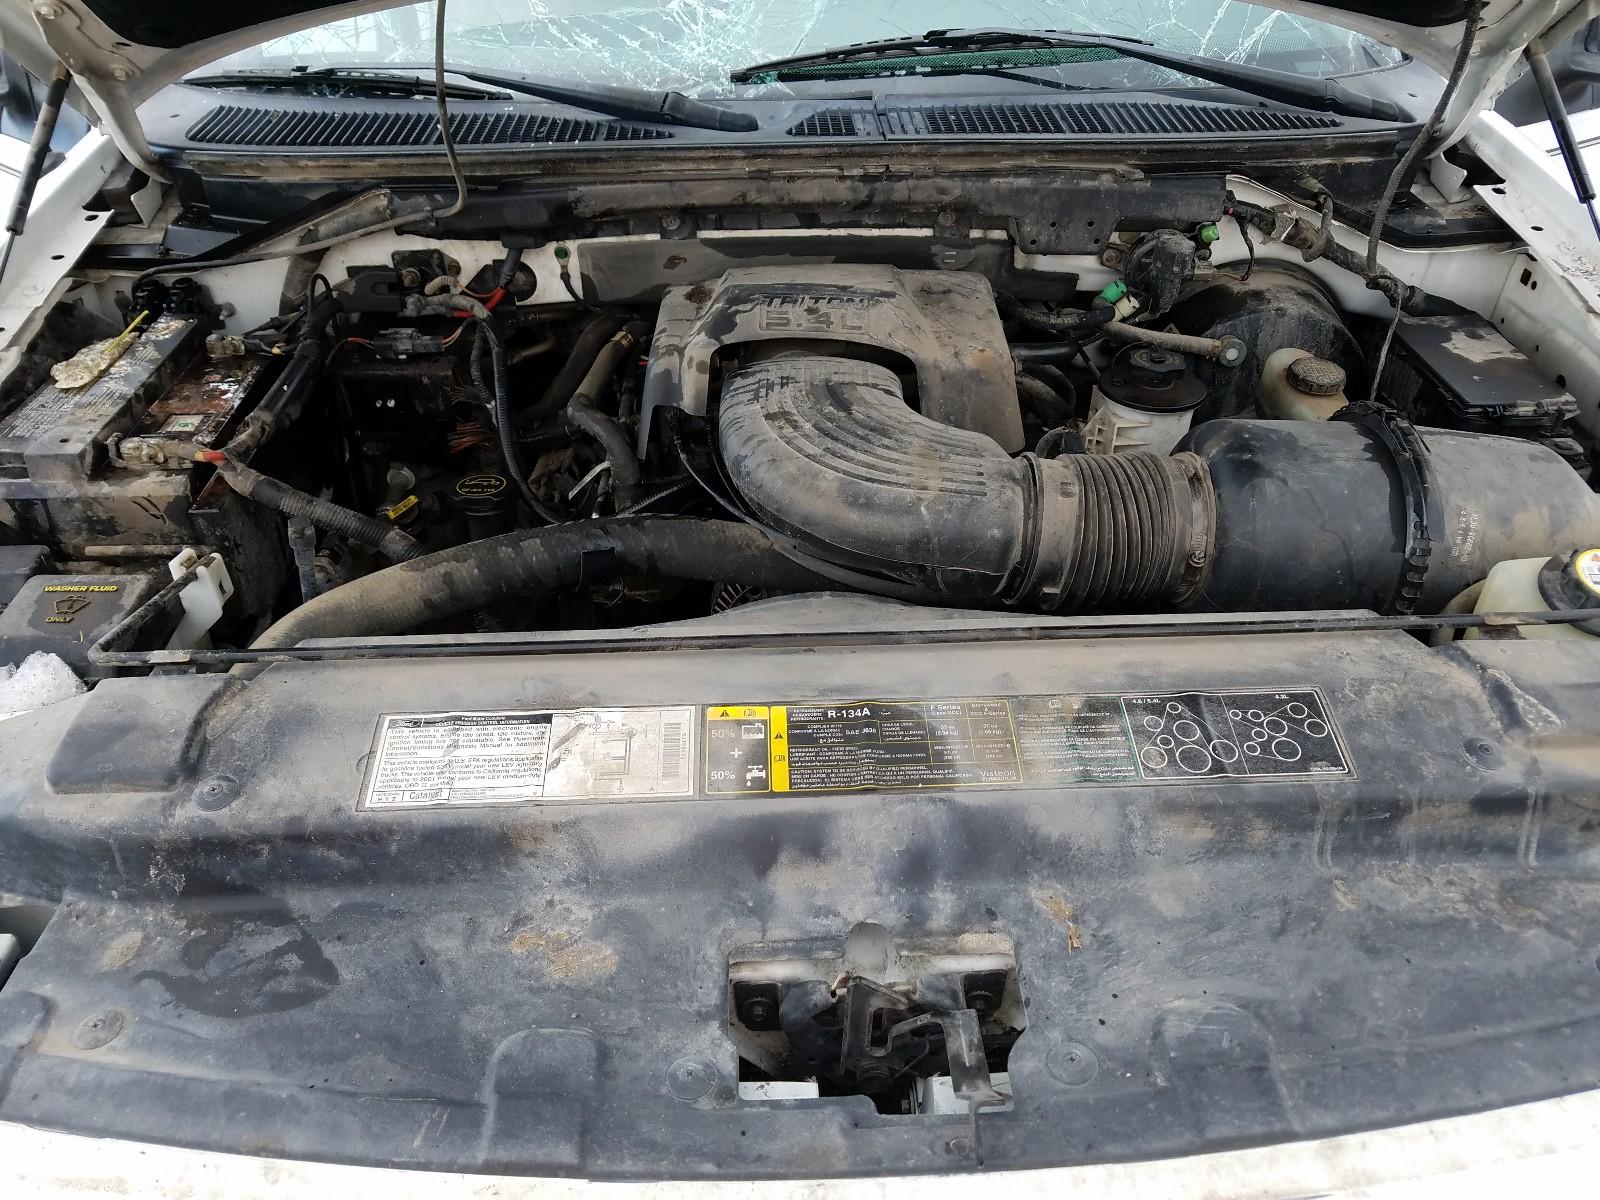 1FTRW08L01KB33707 - 2001 Ford F150 Super 5.4L inside view